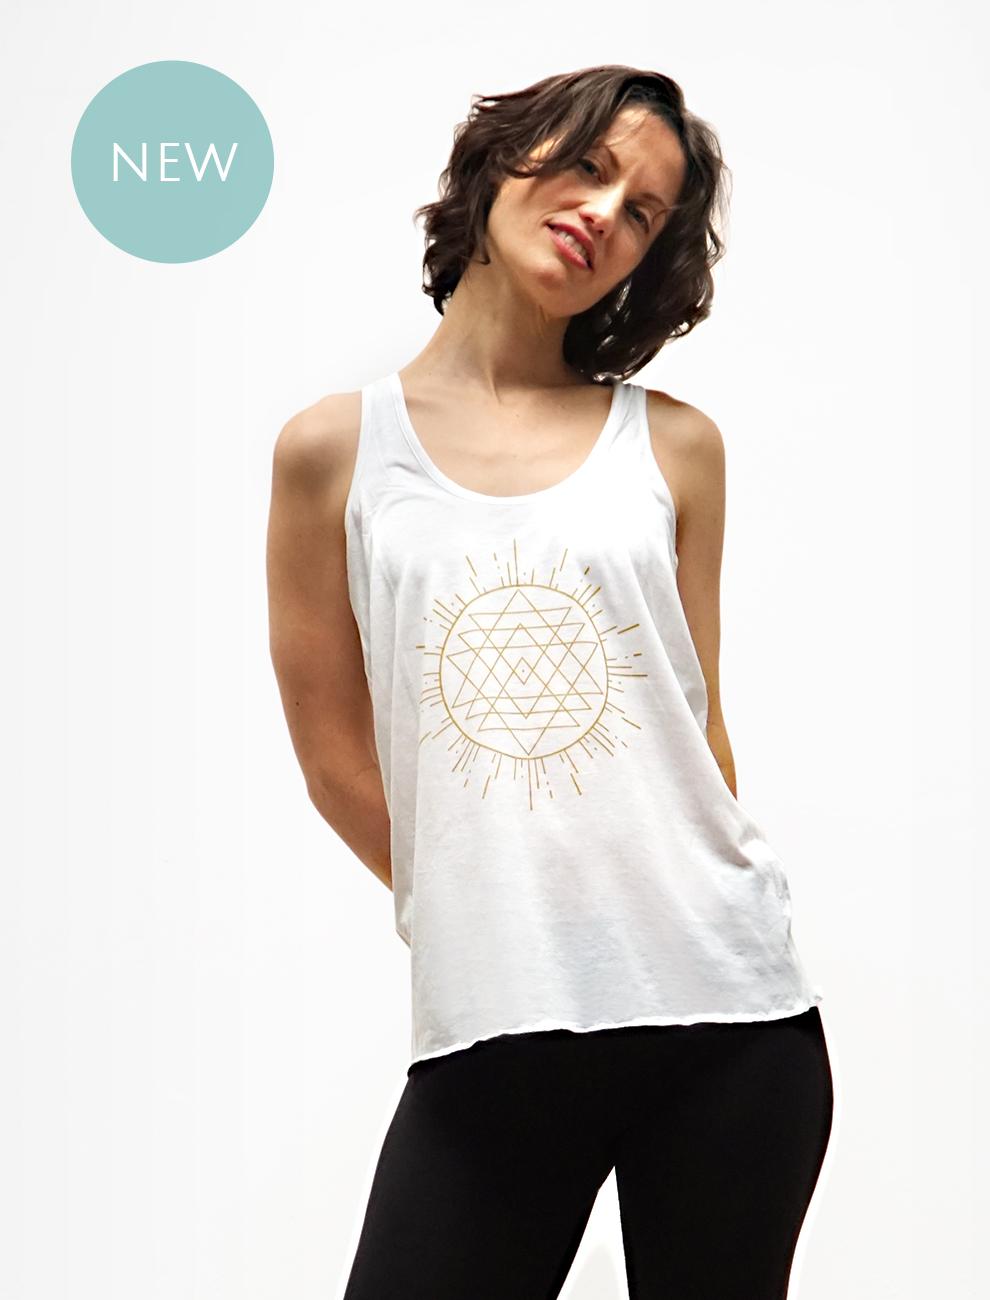 shirt_home_pre_05_new